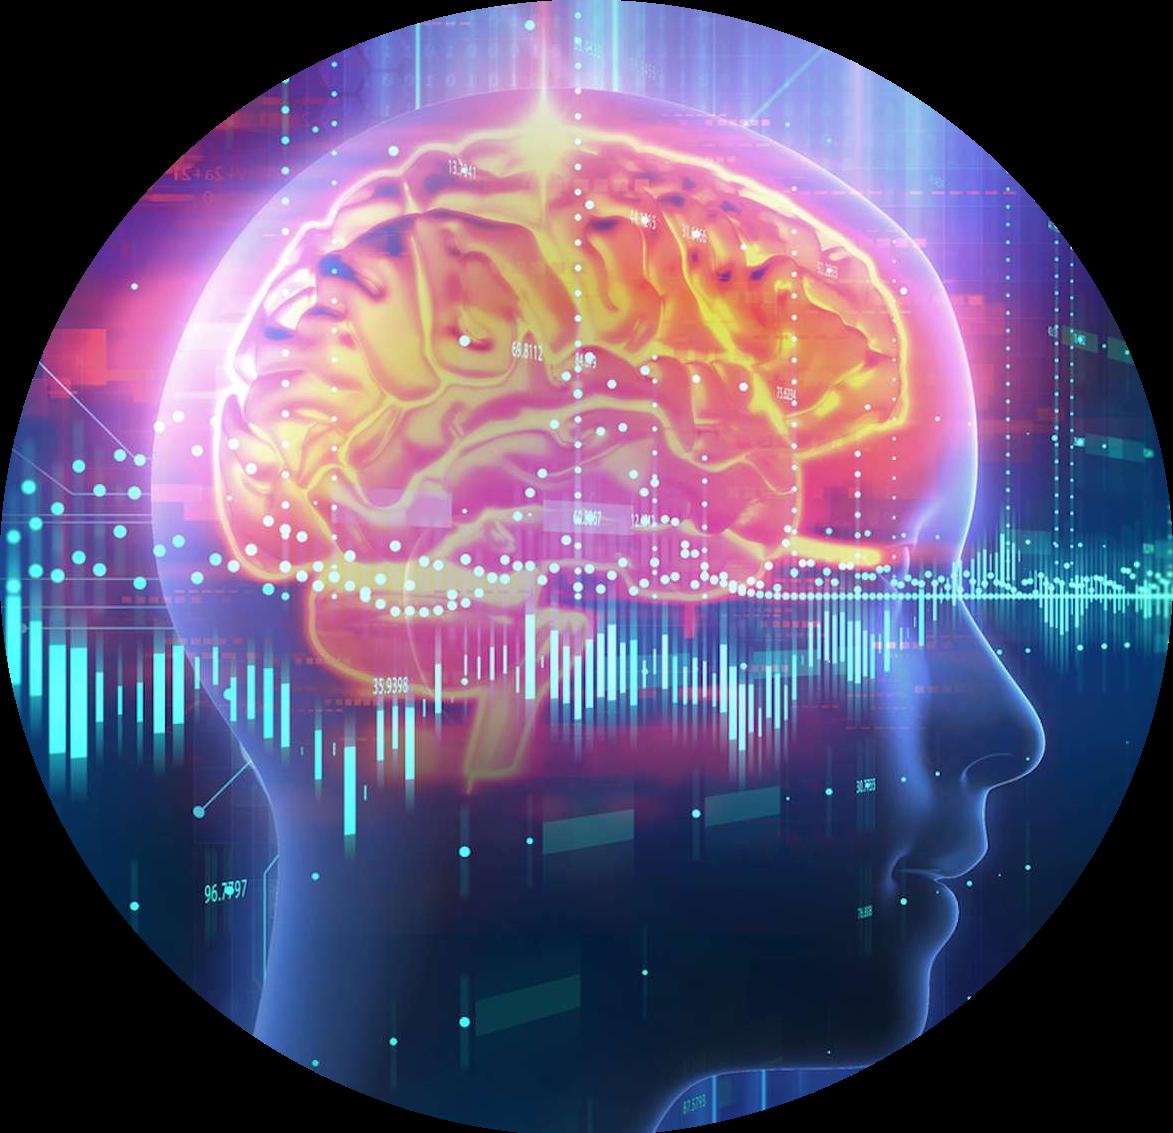 Les Implants Cérébraux